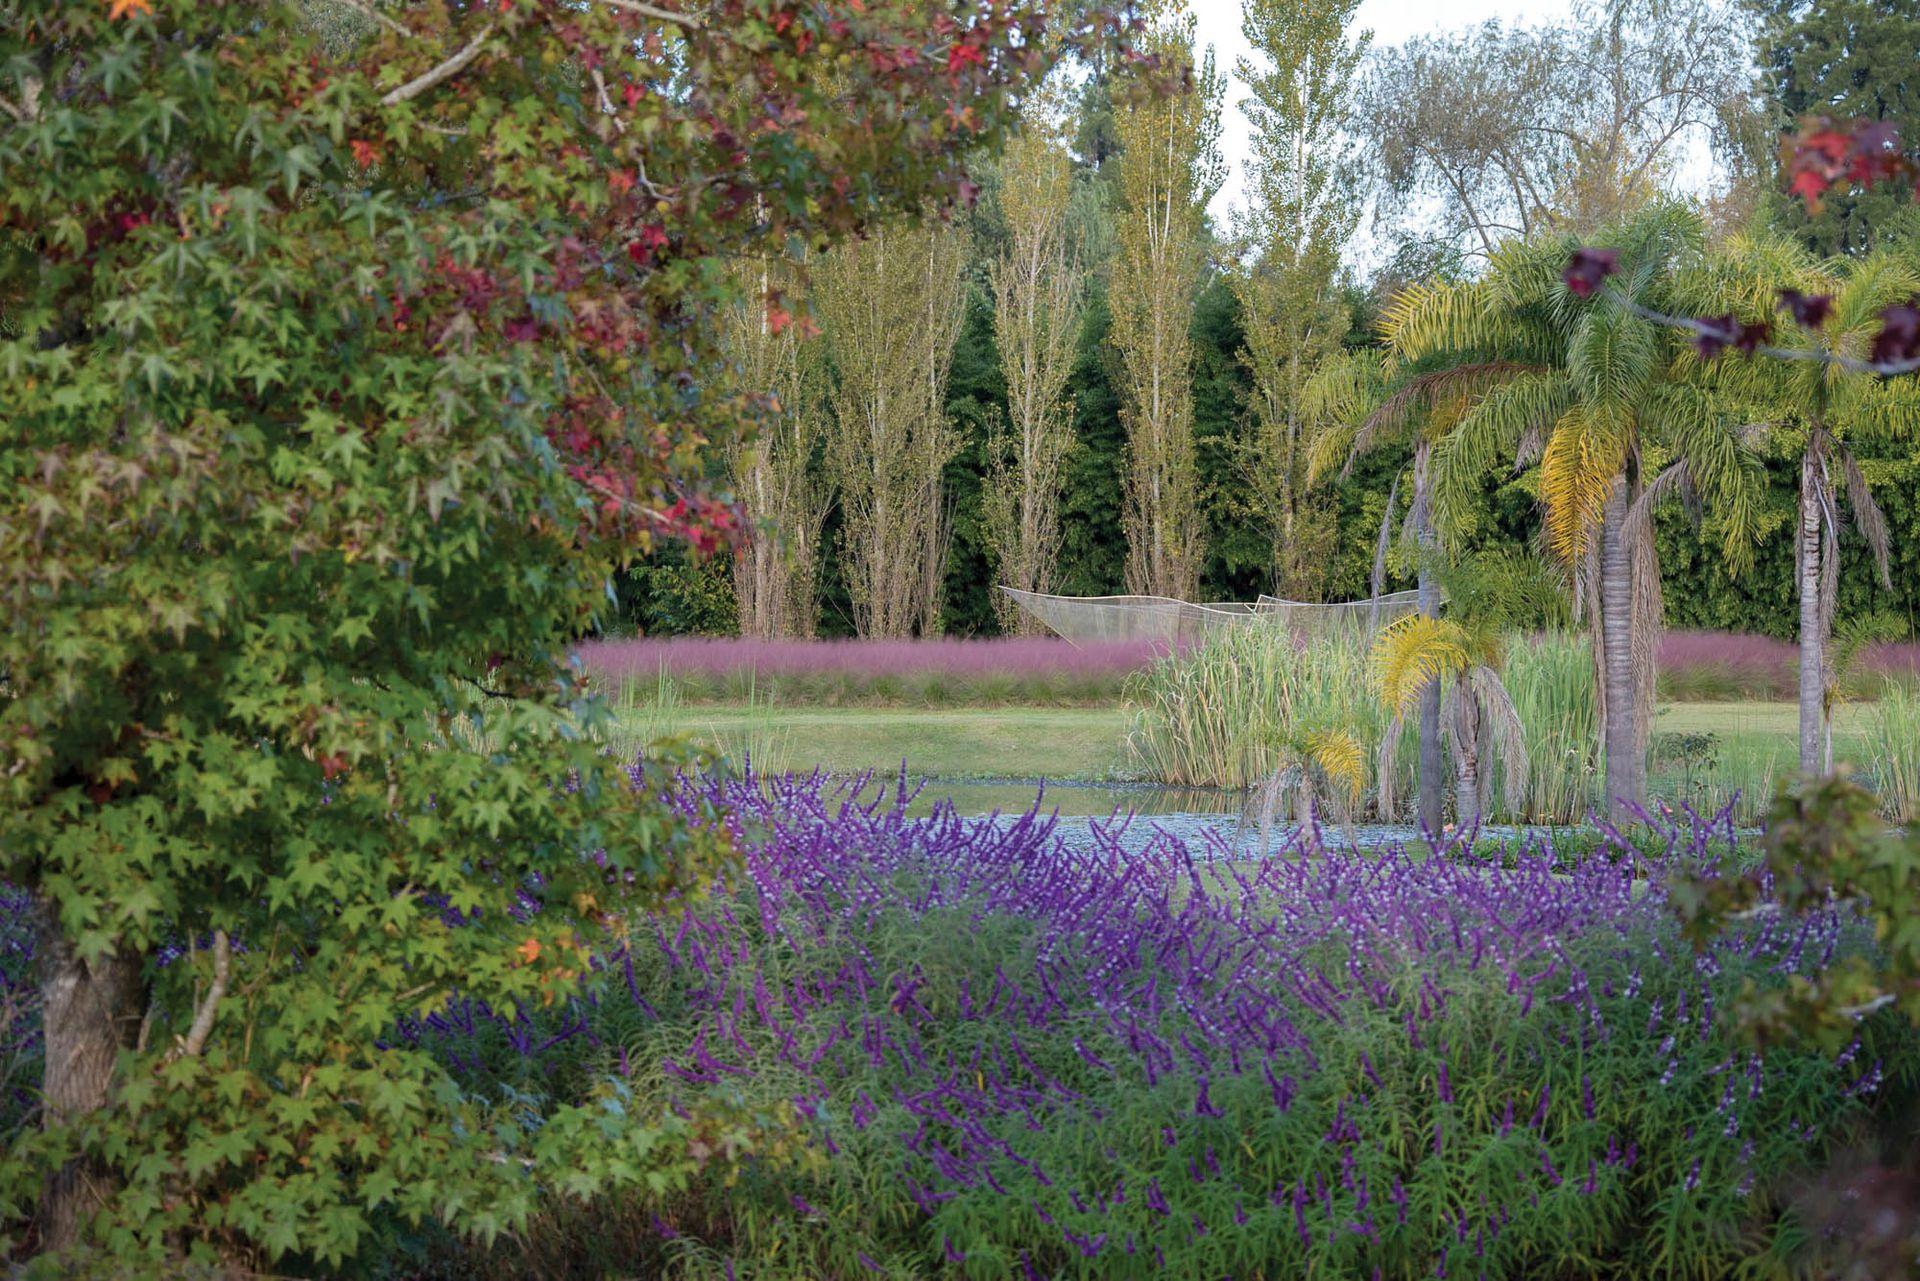 Los jardines de El Descanso albergan una enorme variedad de especies de plantas, además de obras de arte de reconocidos artistas.